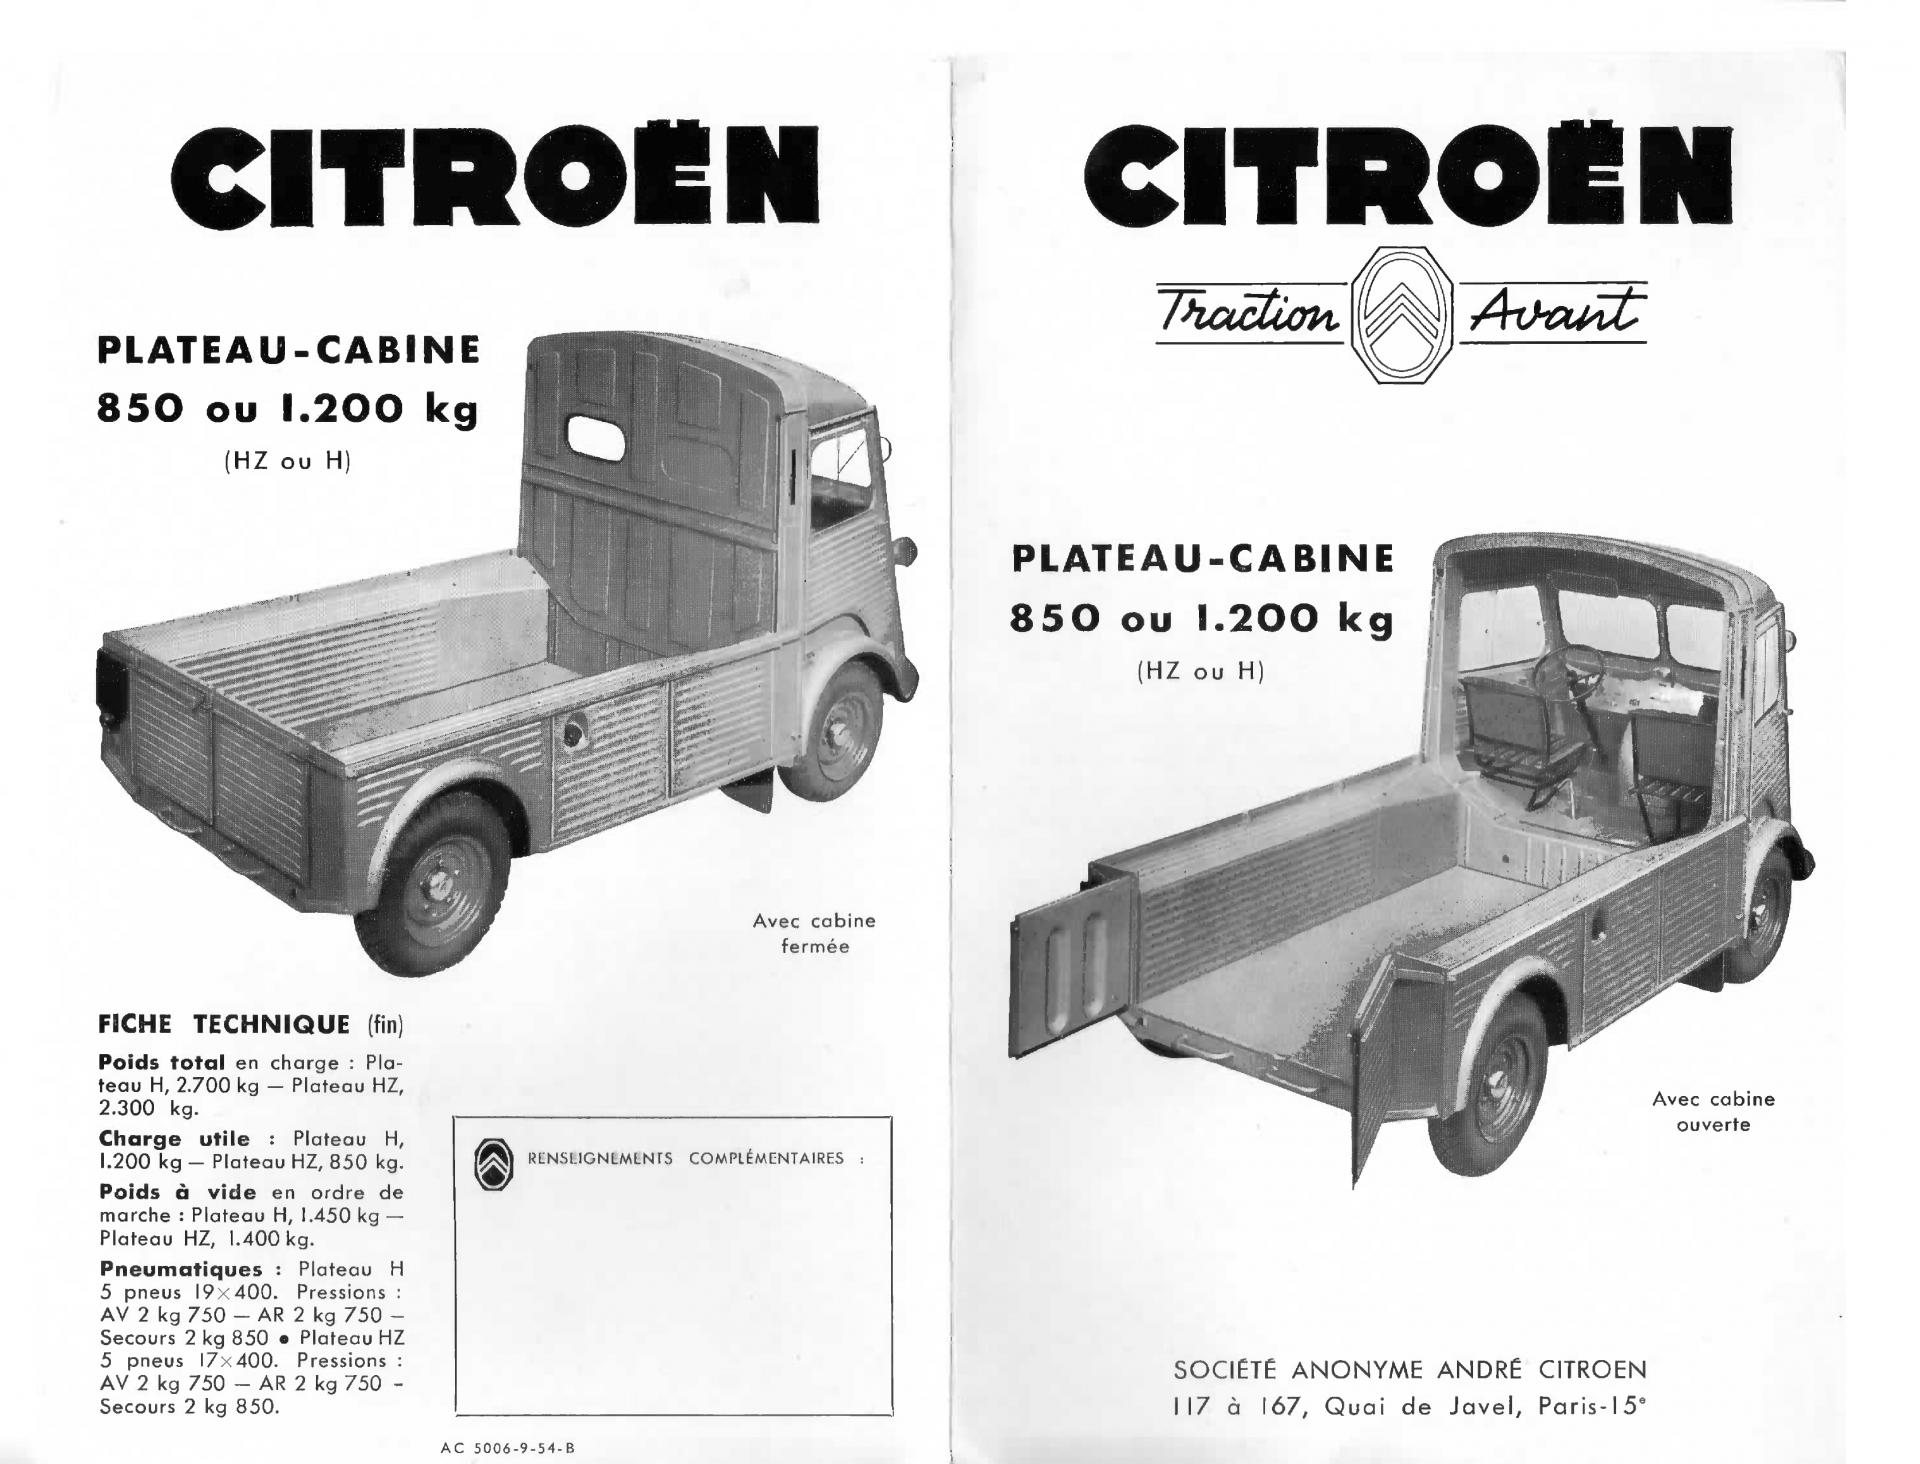 1954 Citroën Type H plateau